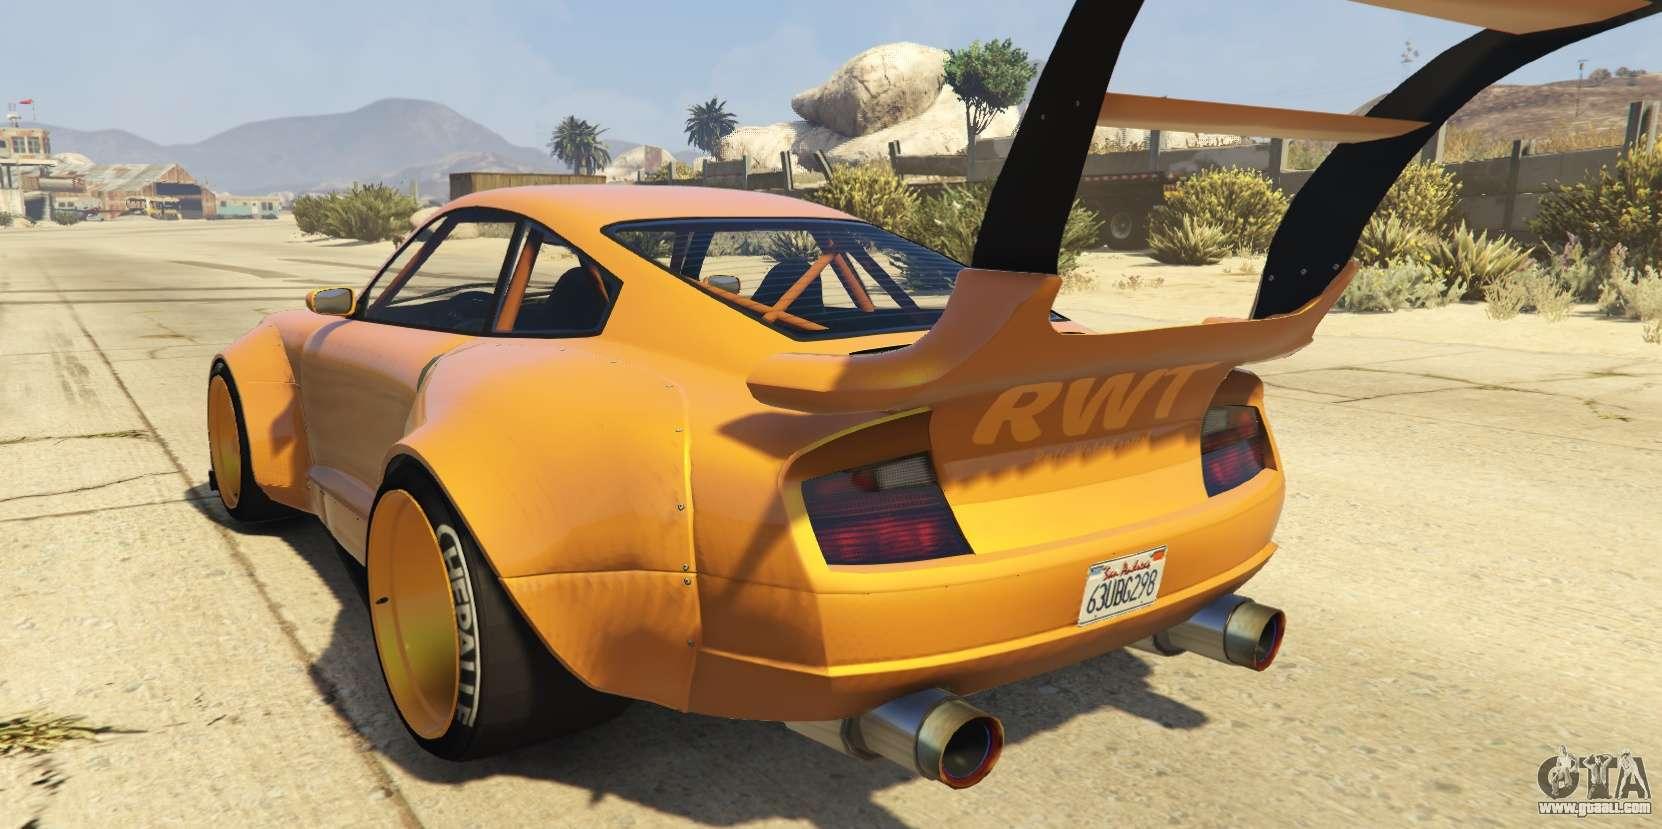 Gta Gaming Cars